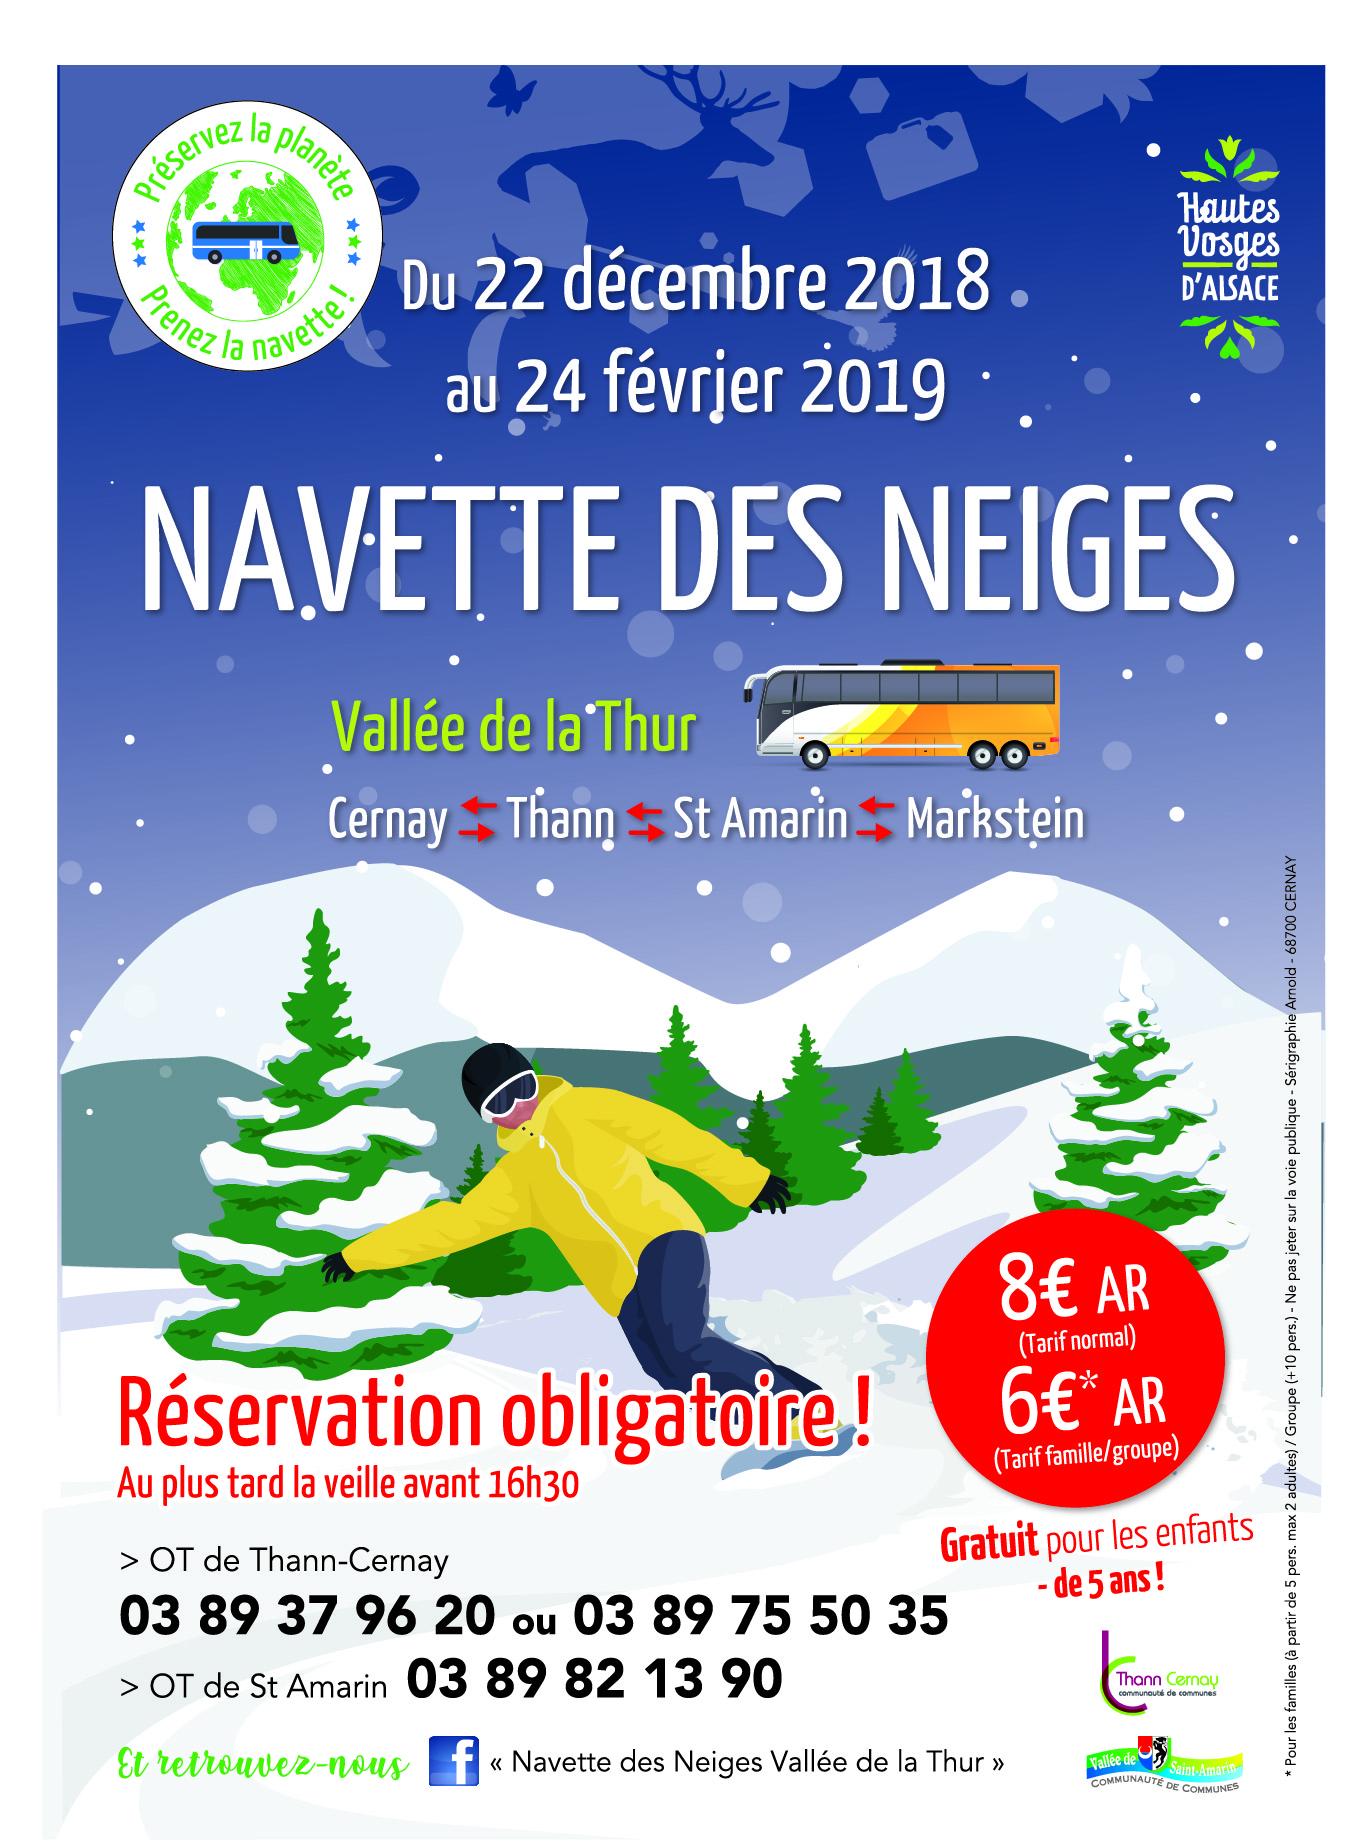 La navette des neiges de cernay au markstein ville site officiel de la ville de - Office de tourisme de cernay ...